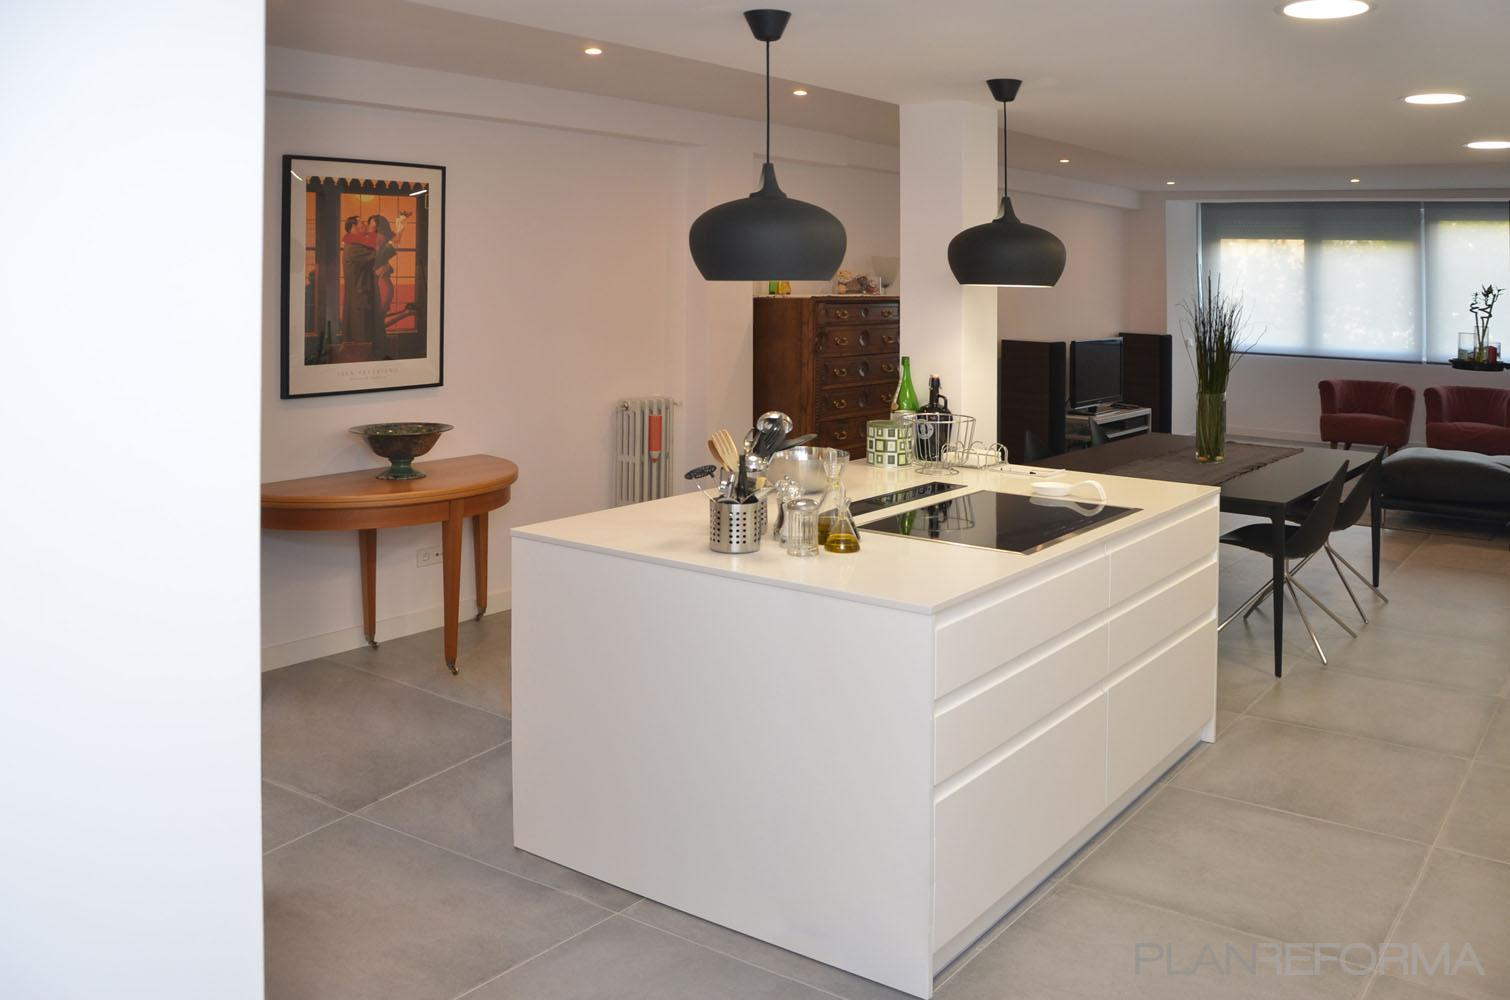 Loft Estilo moderno Color blanco, gris  diseñado por Mirmen Arquitectura - Interiorismo - Reformas | Gremio | Copyright Propiedad